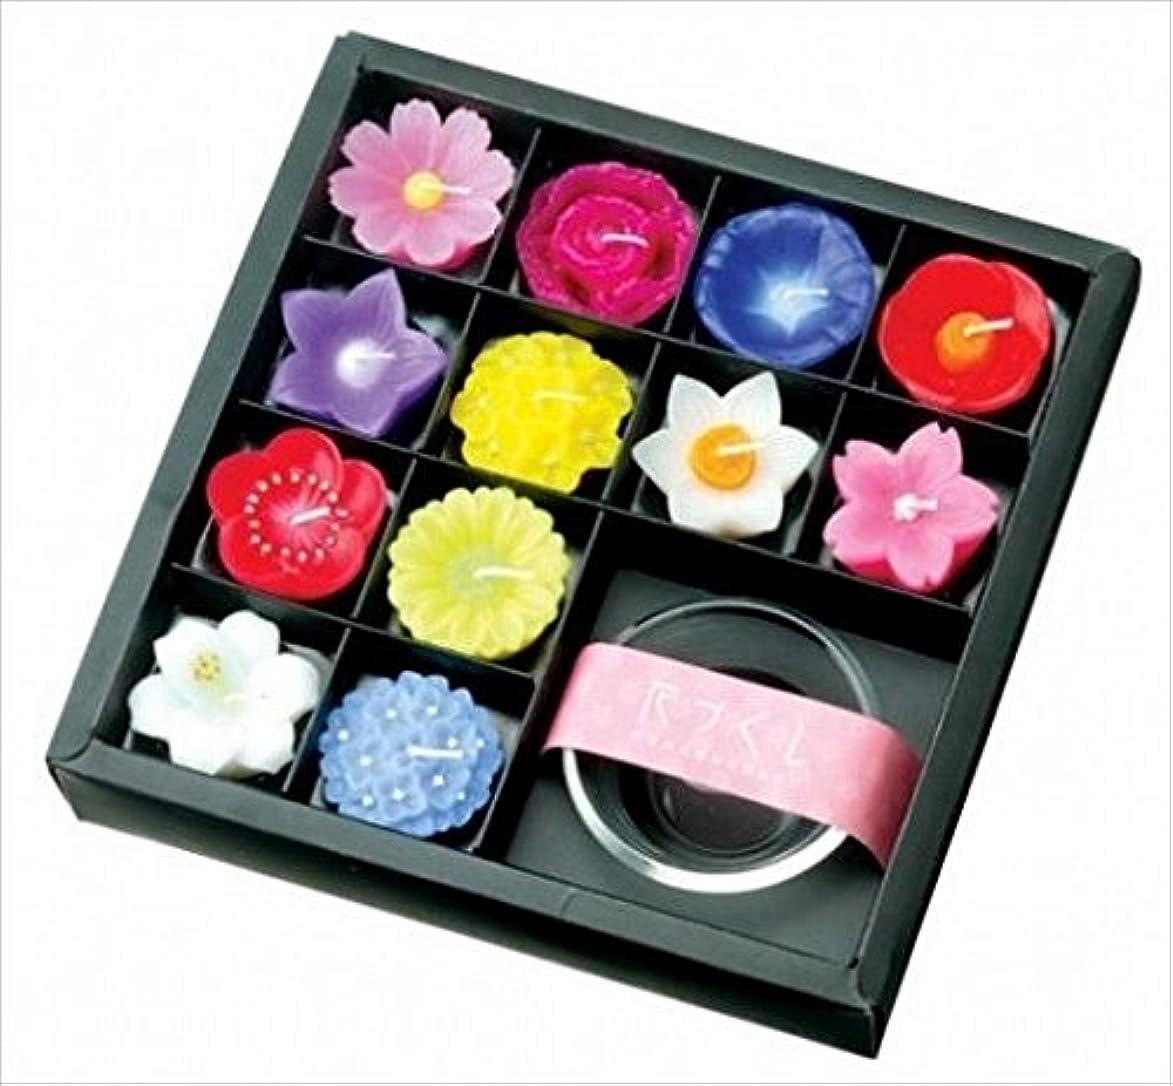 ラリーベルモントレーザグリルkameyama candle(カメヤマキャンドル) 花づくしギフトセット キャンドル(A6099000)